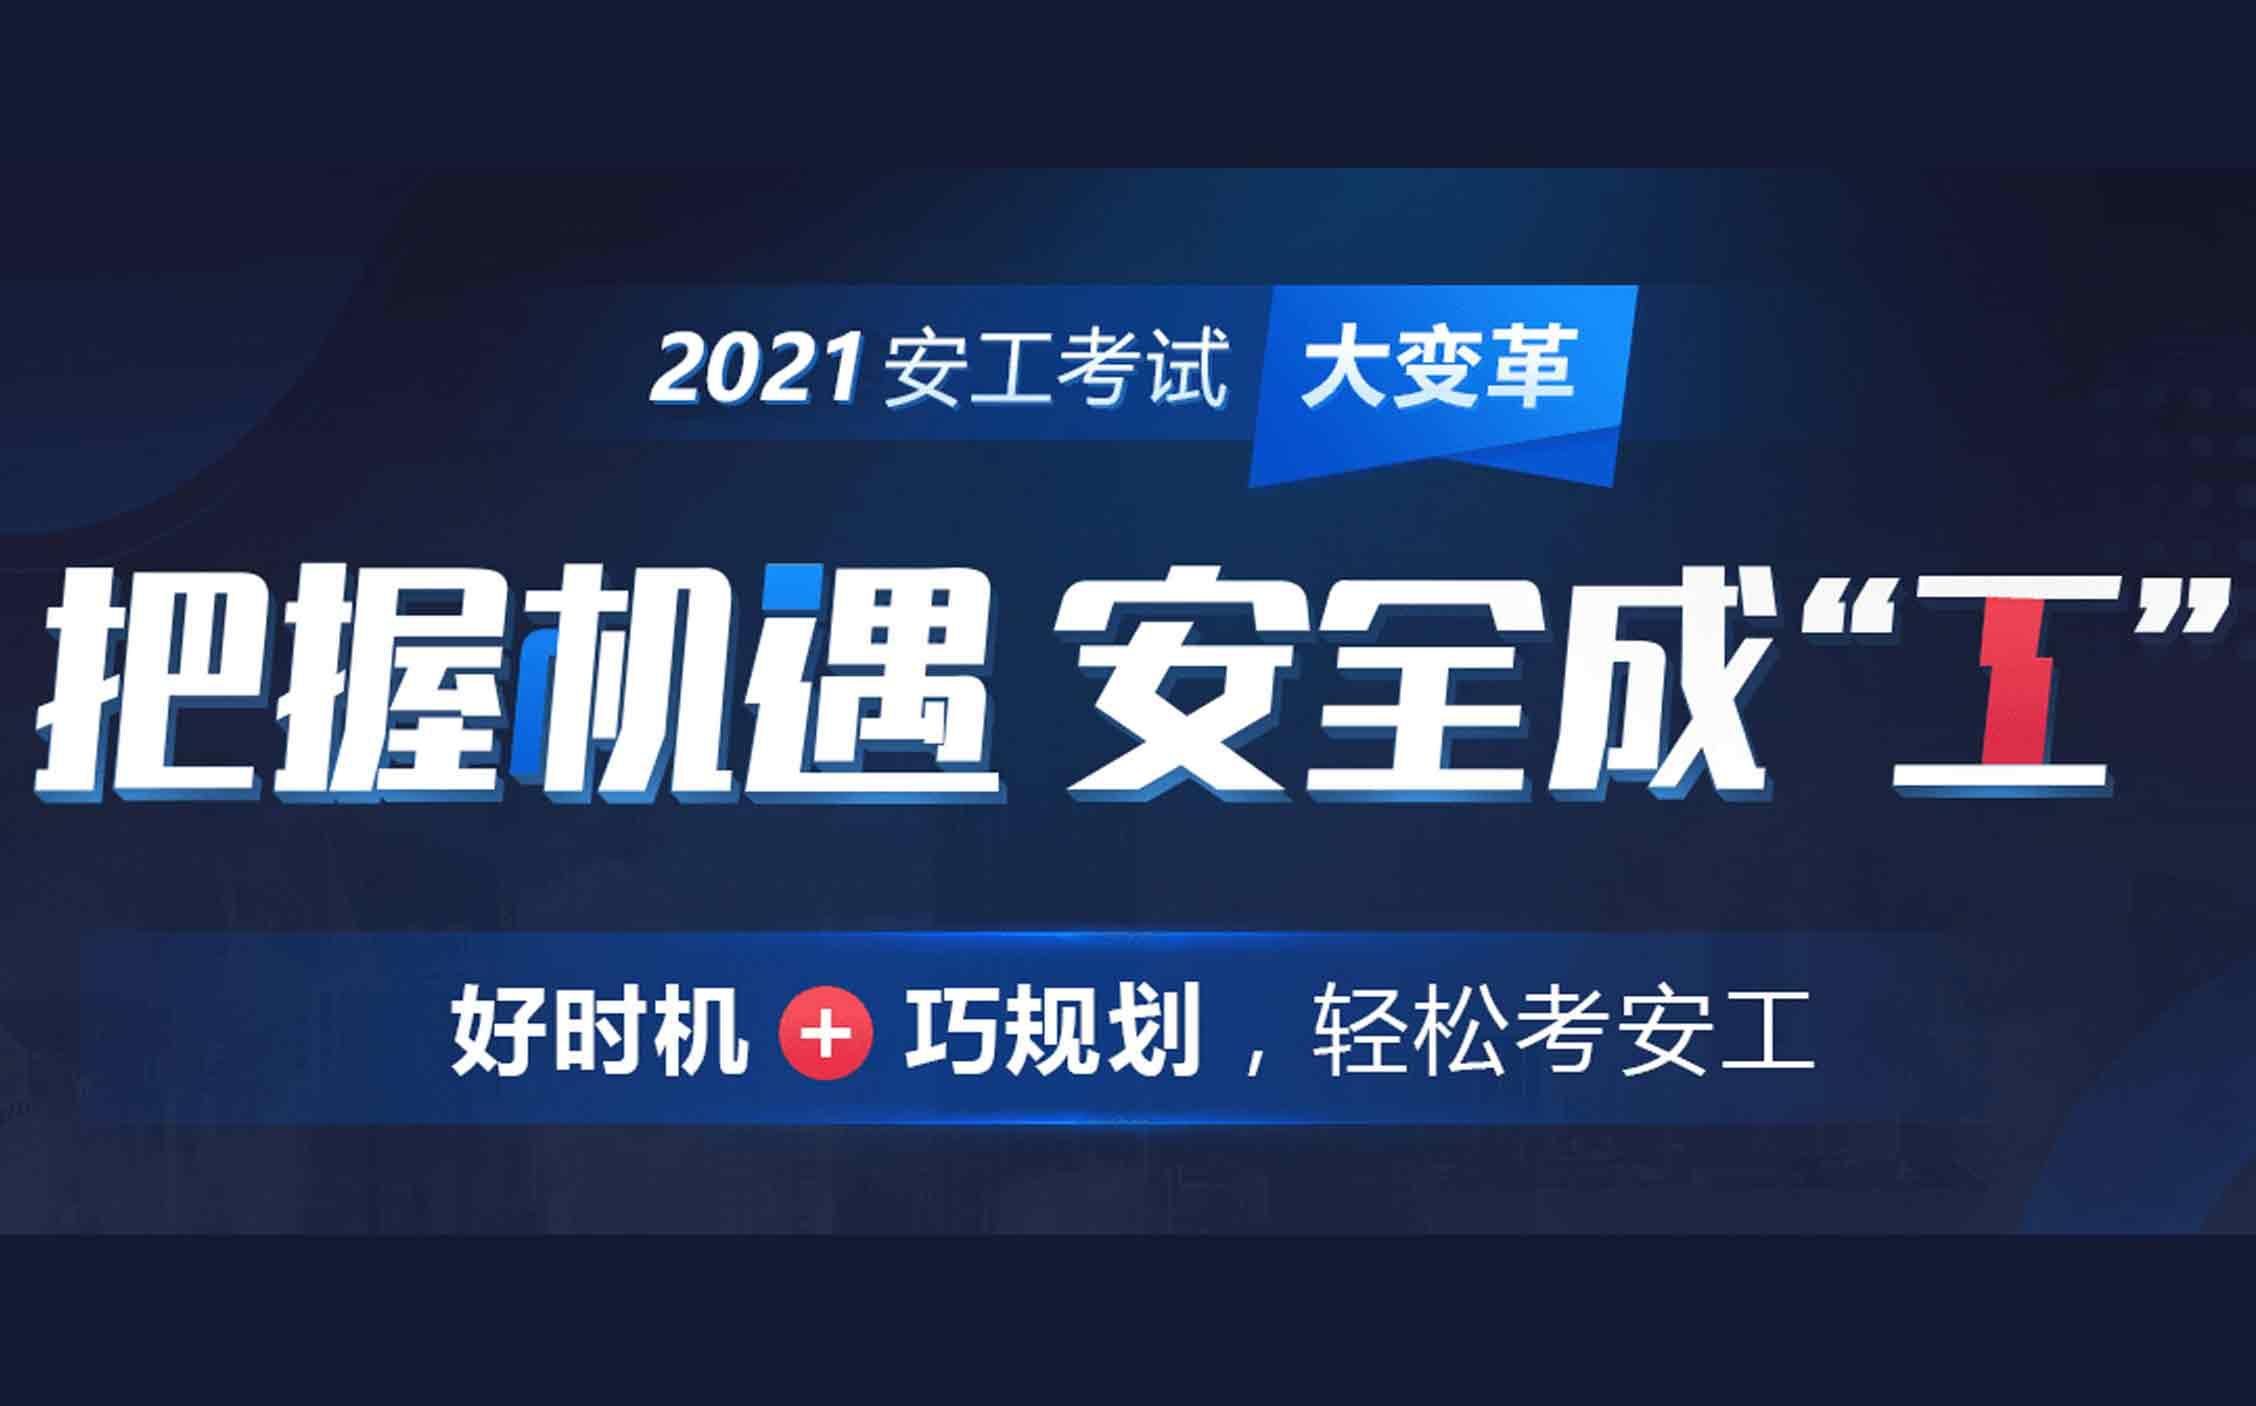 郴州2021安全工程师培训机构招生简章